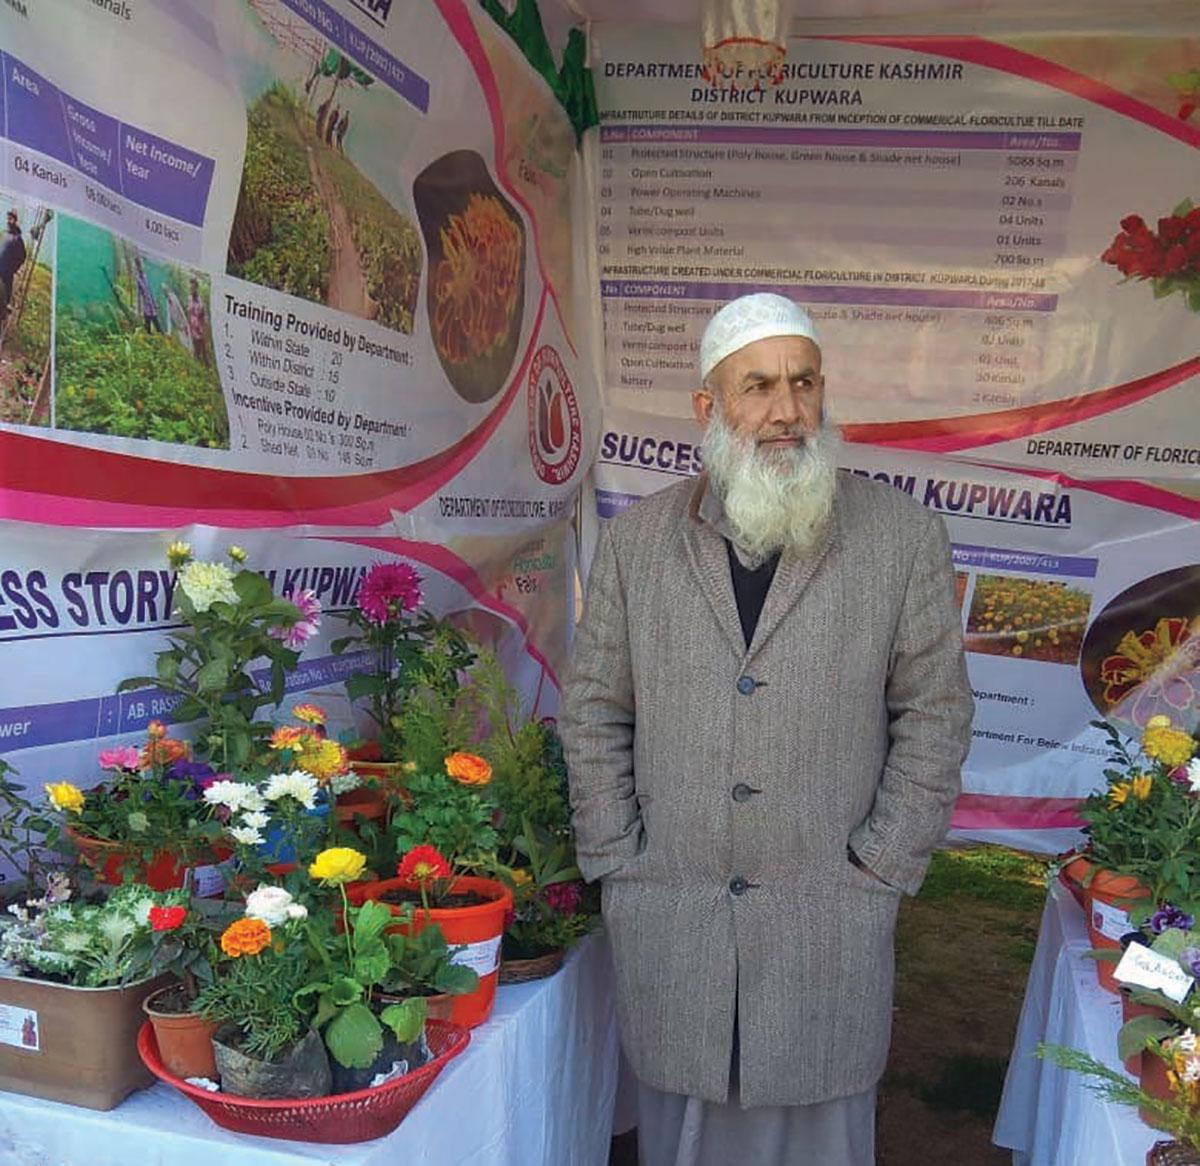 Syed-Mukhtar (KL Image: Hilal Shah)